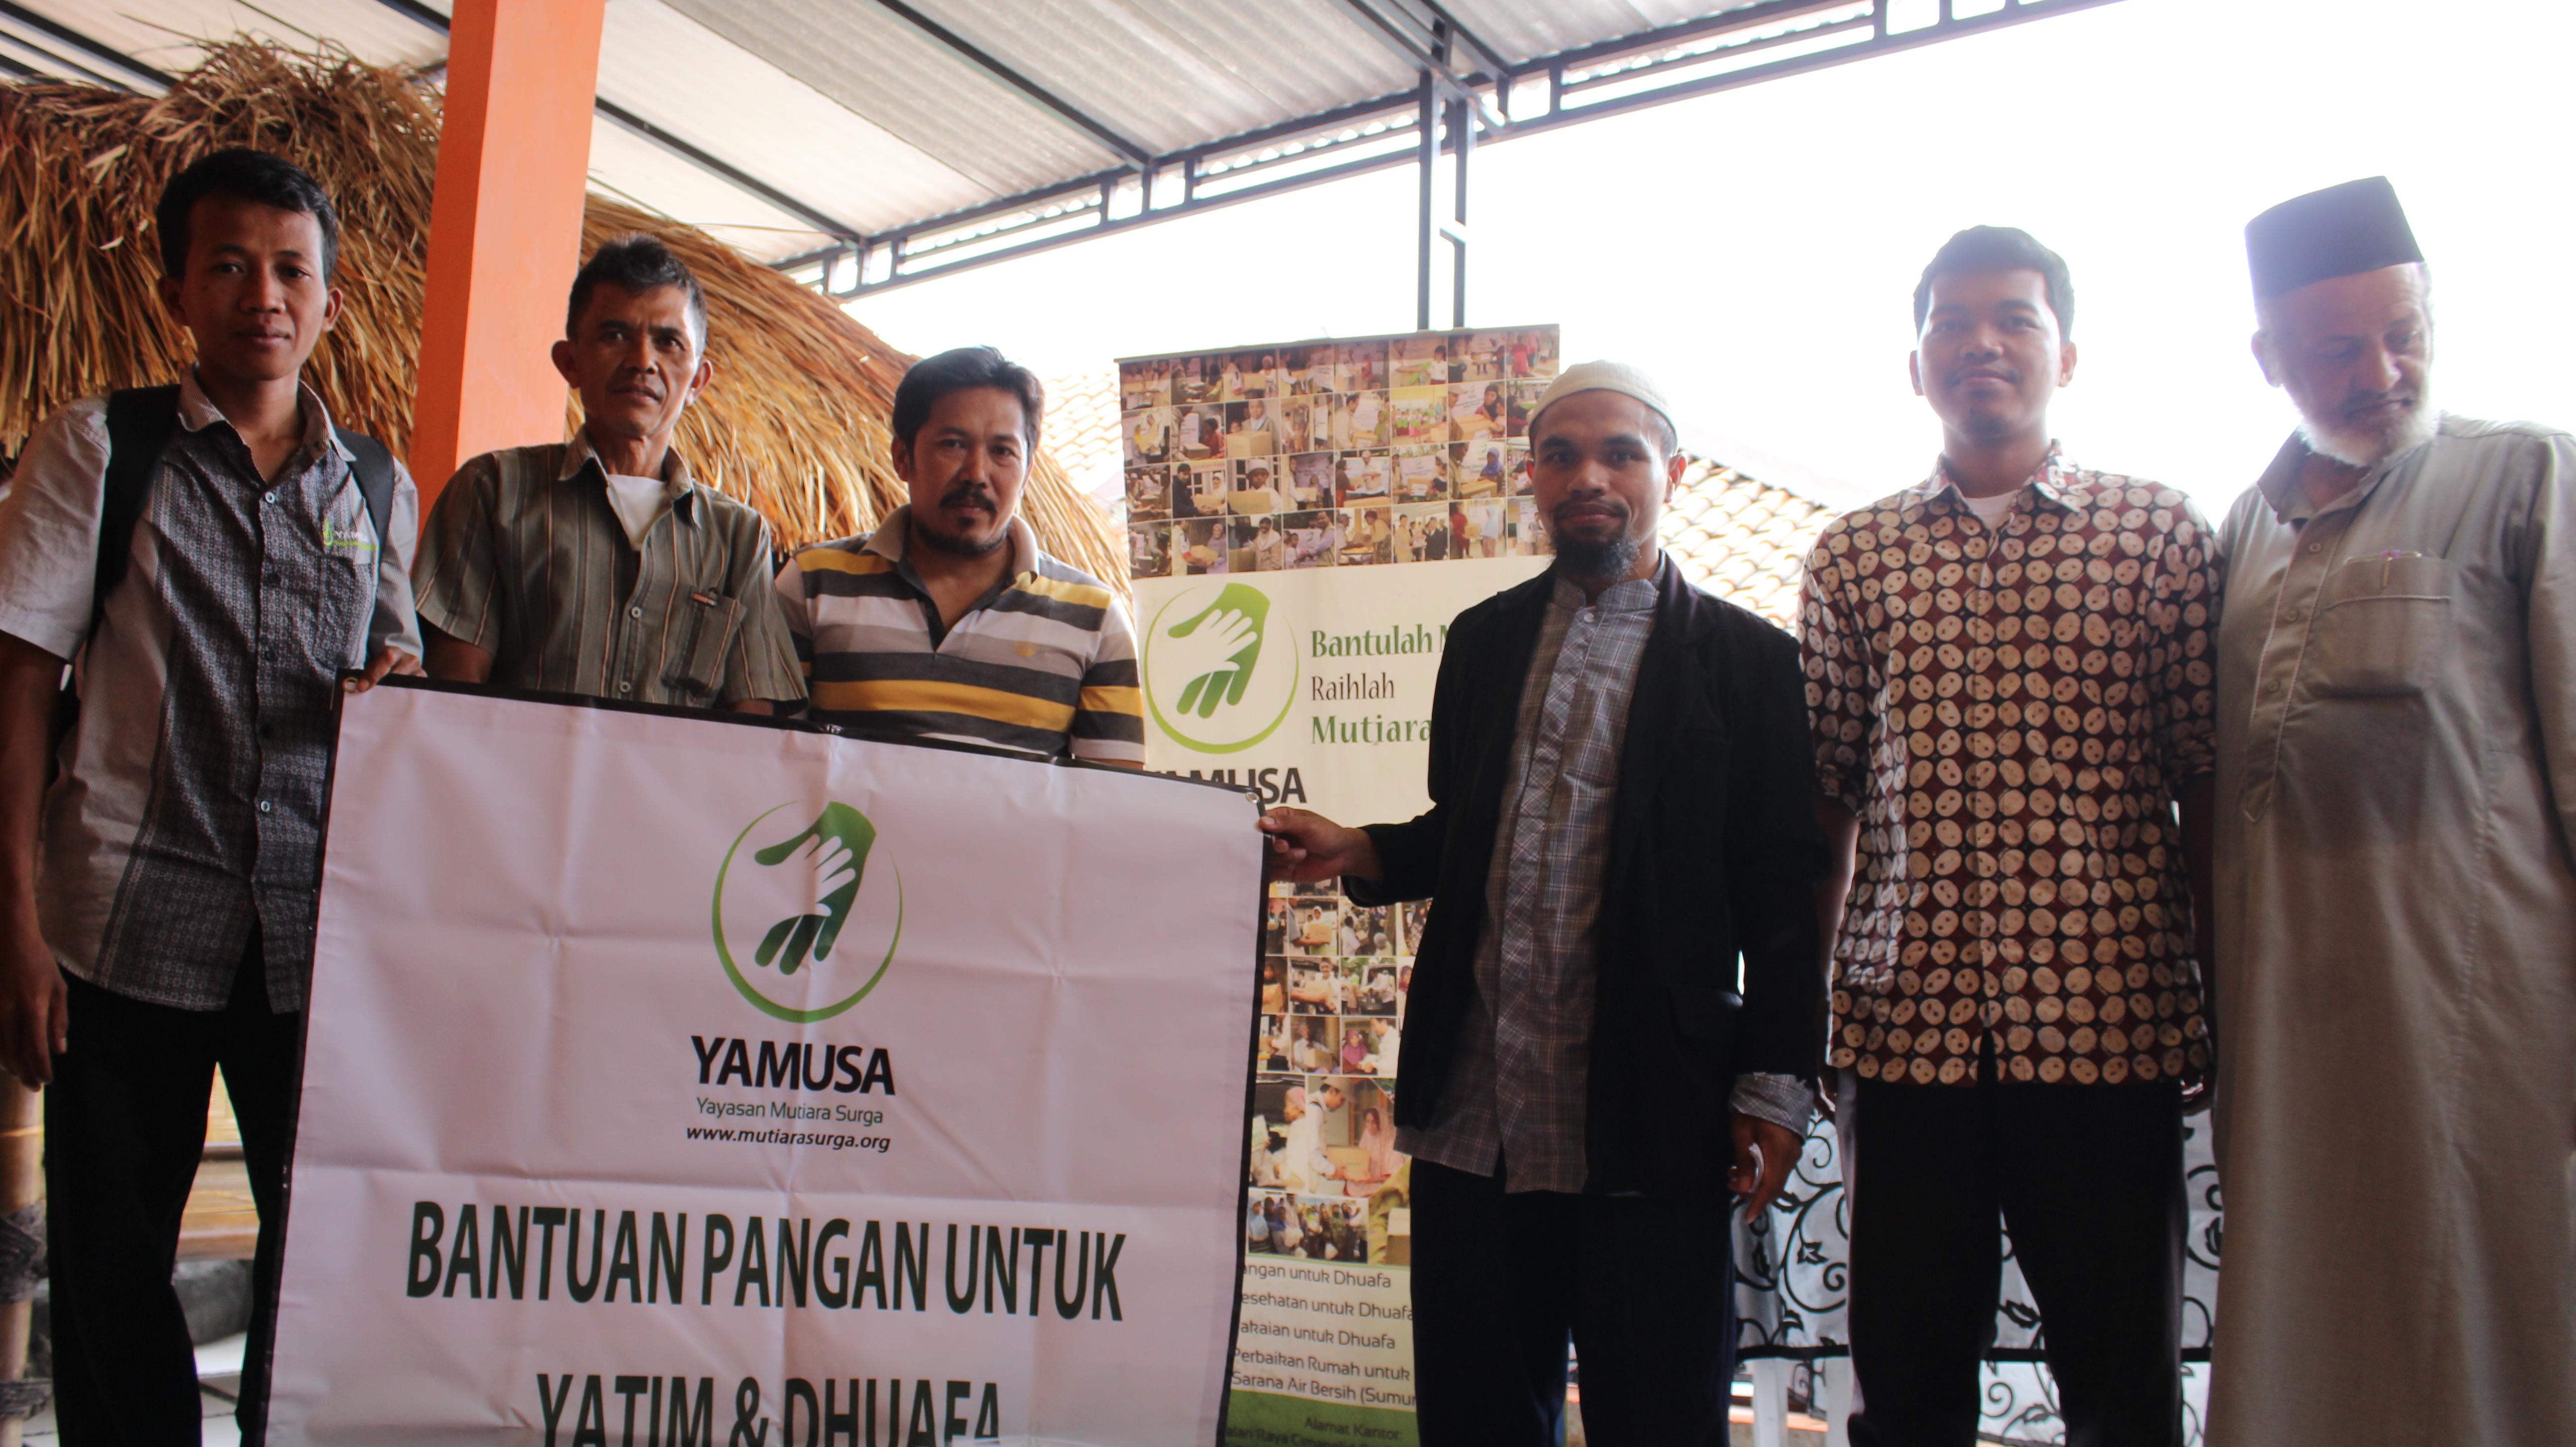 Penyaluran Bantuan Pangan di Desa Sukamatri RW. 05, RT. 01,02 dan 03